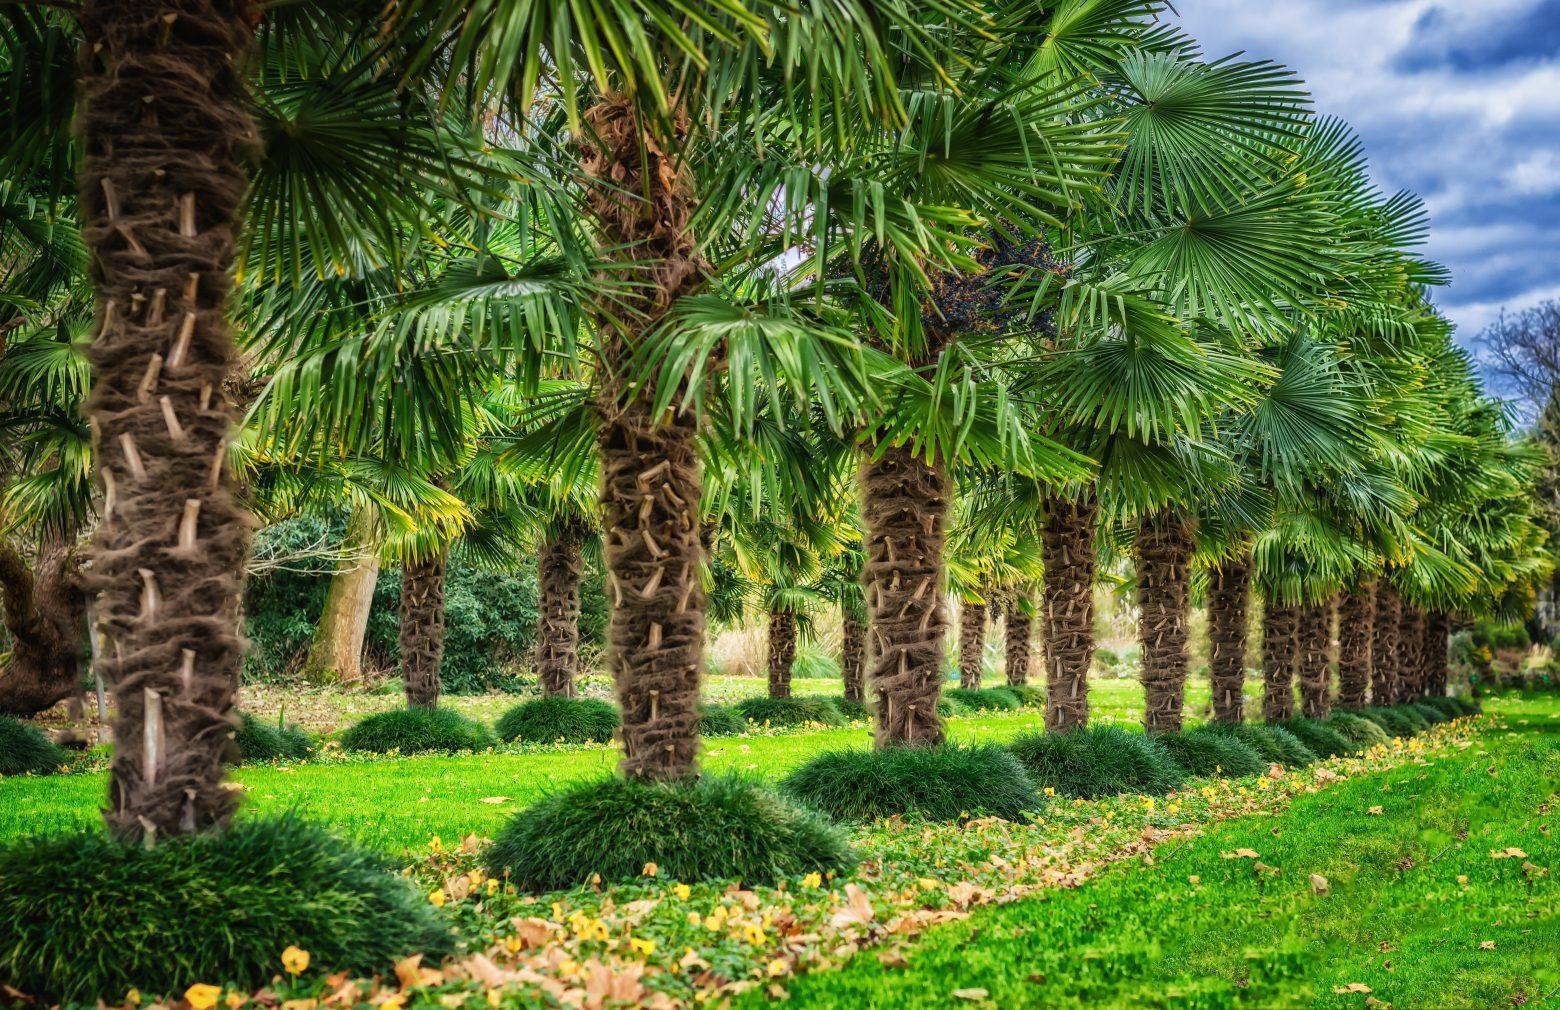 trees-3053021